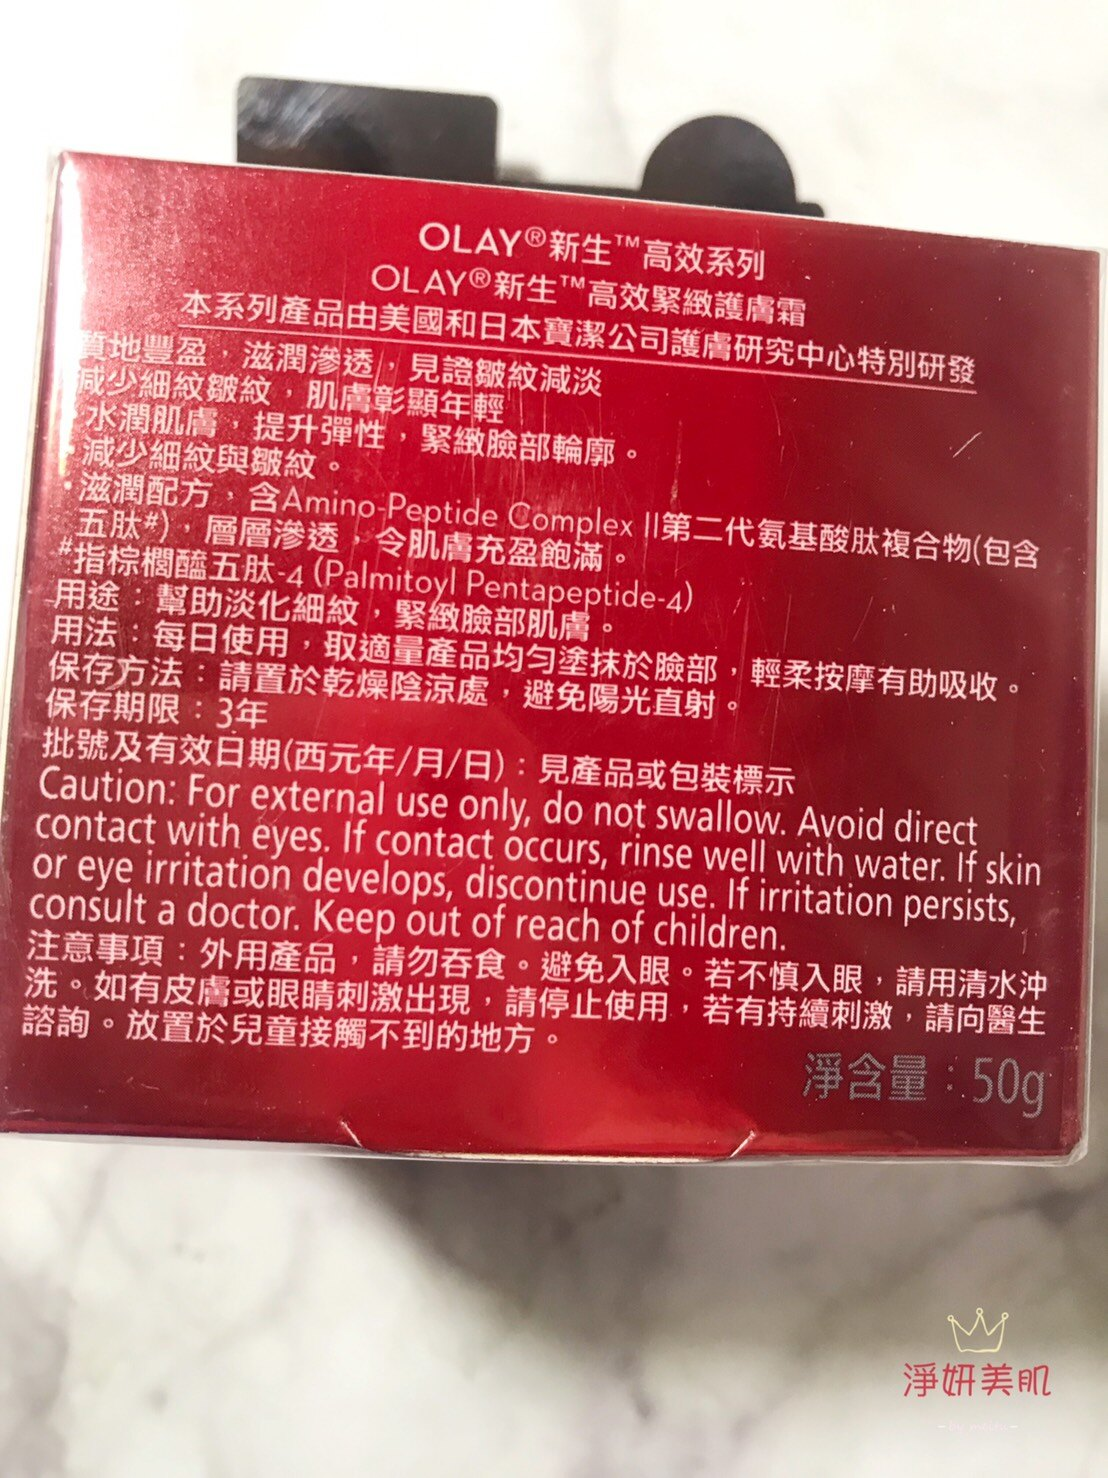 歐蕾OLAY新生高效緊緻護膚霜50g 全新盒裝新包裝 效期2022.01【淨妍美肌】 1